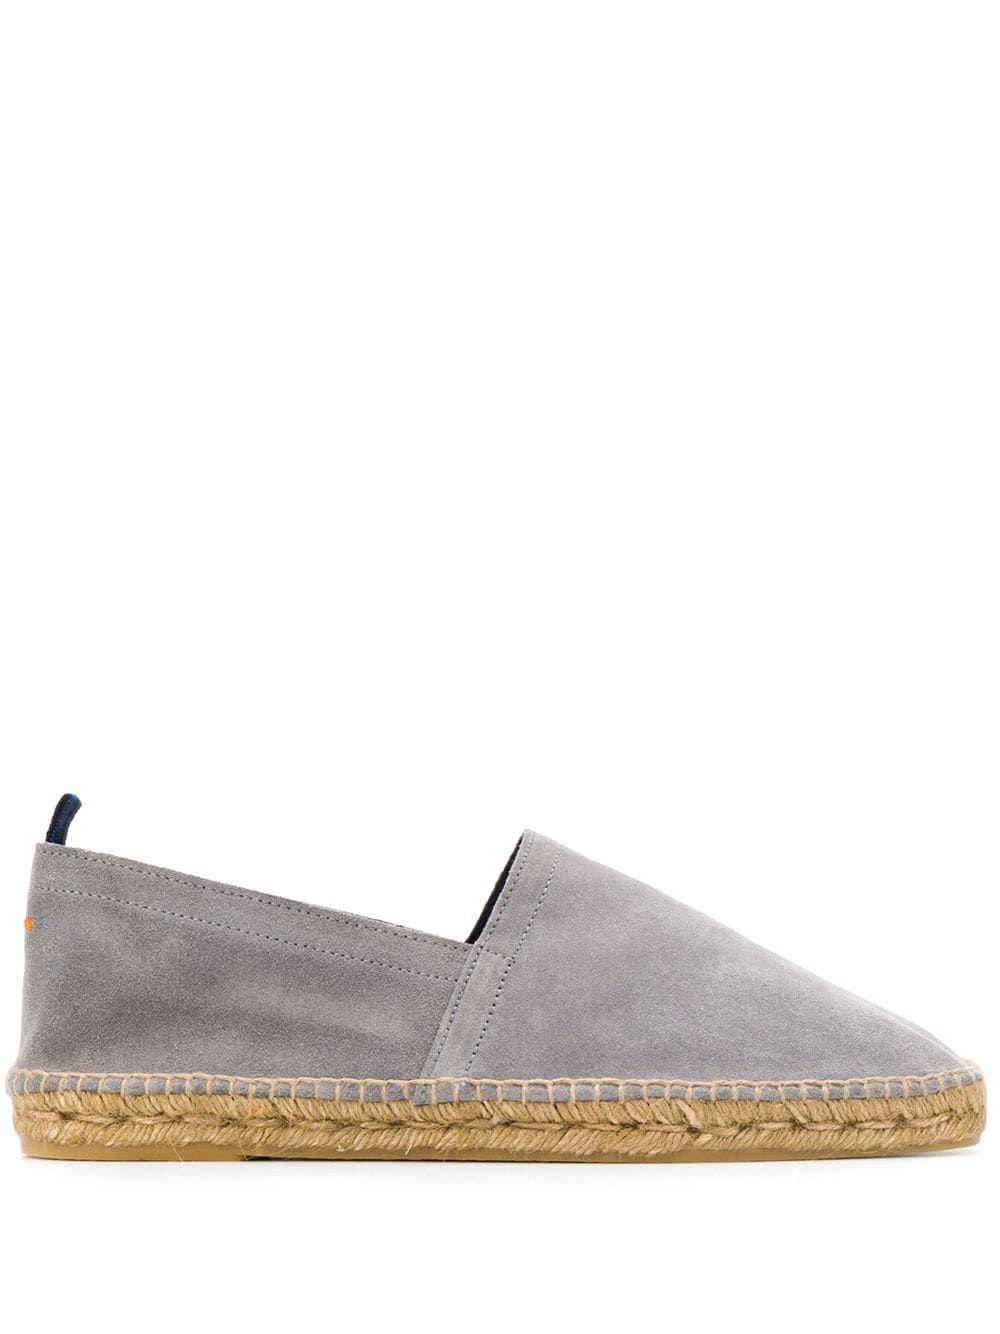 06eeded8a CASTAÑER CASTAÑER BRAIDED RAFFIA ESPADRILLES - GREY. #castañer #shoes